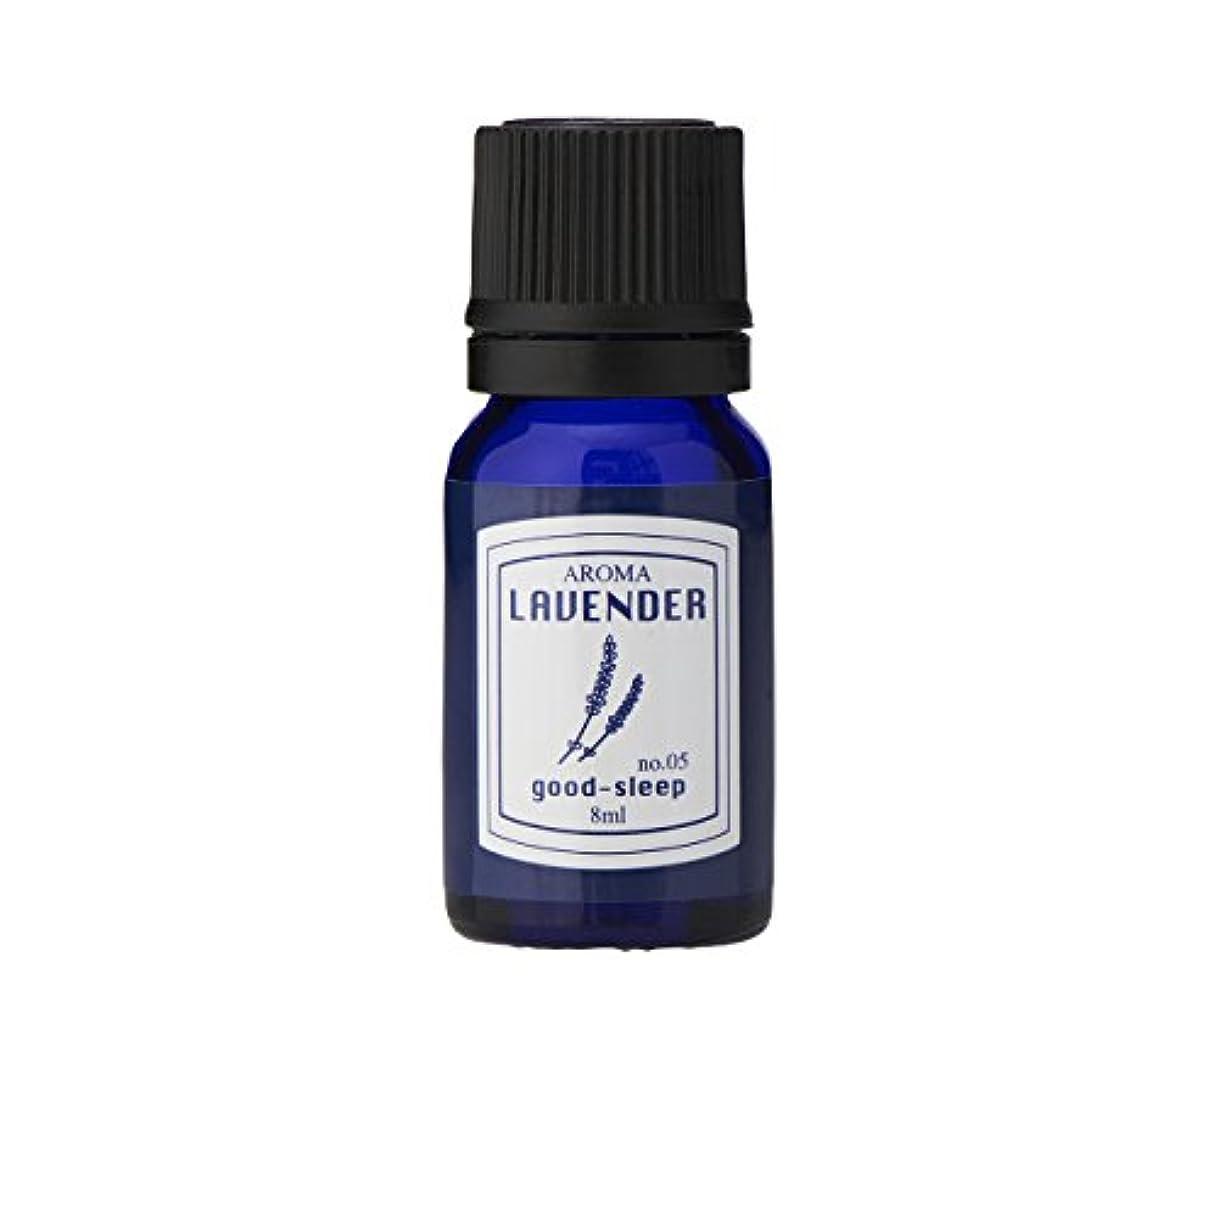 評価するエラーお風呂を持っているブルーラベル アロマエッセンス8ml ラベンダー(アロマオイル 調合香料 芳香用 心落ち着ける清々しい香り)